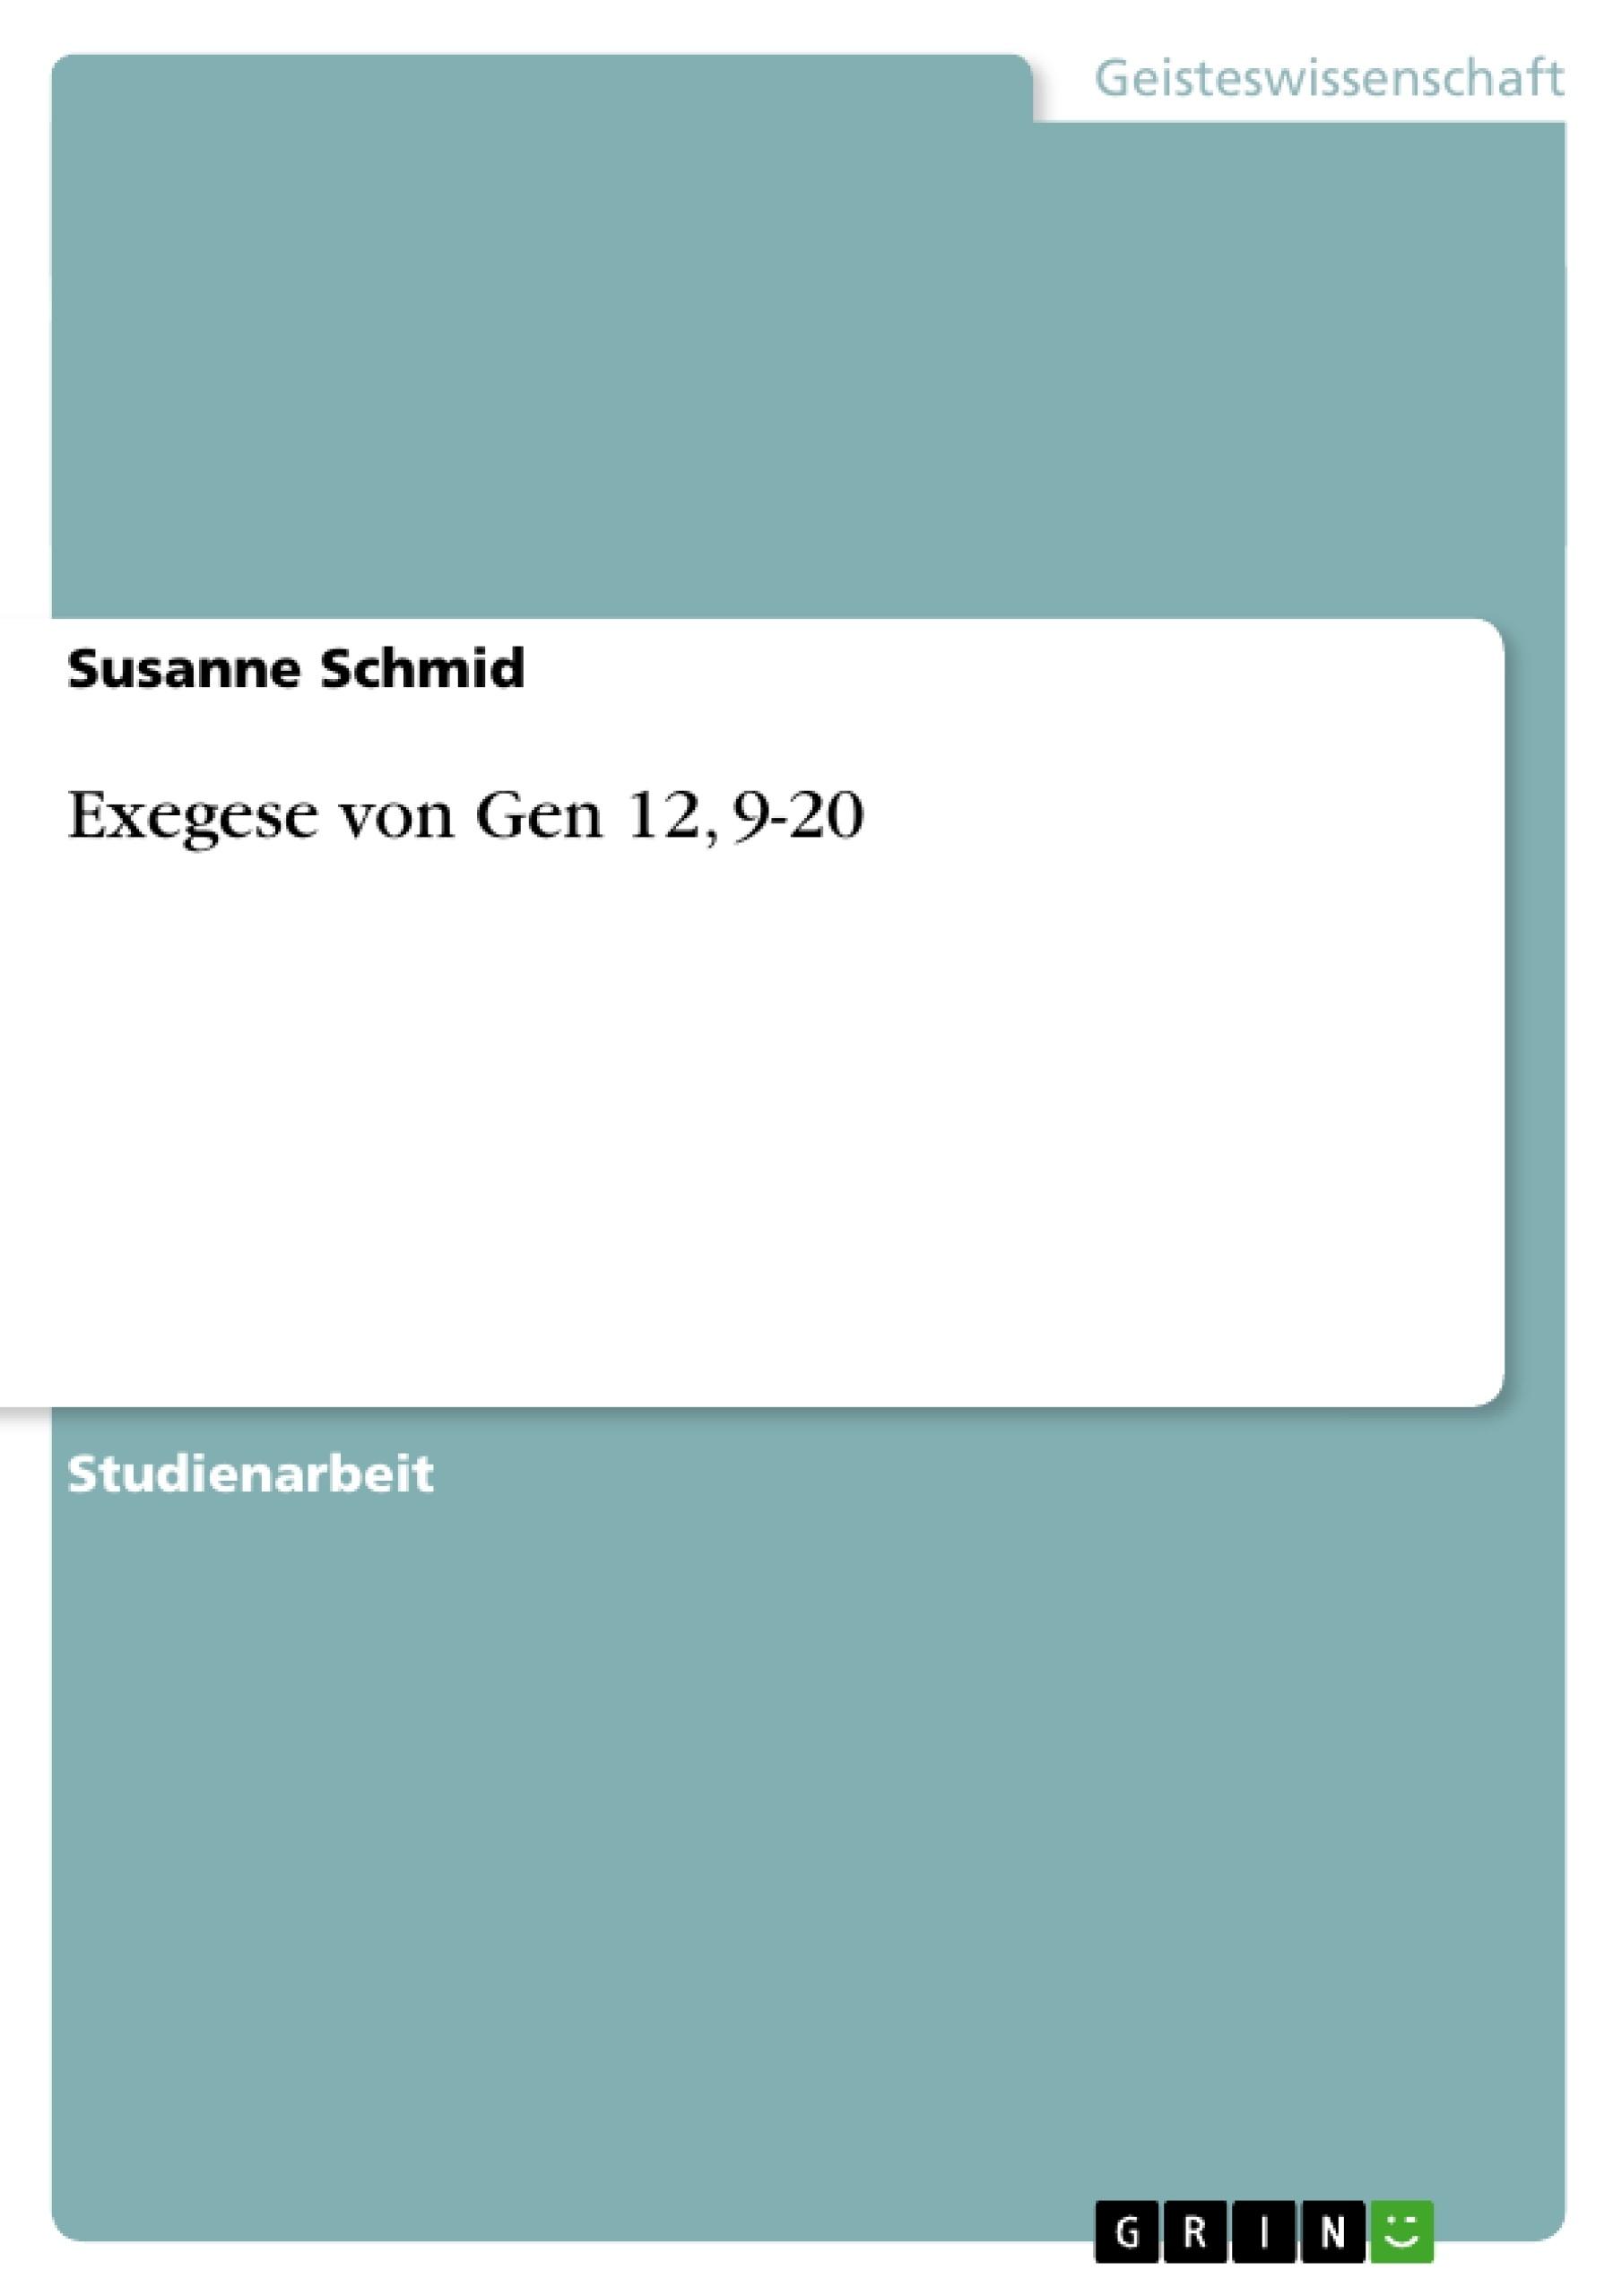 Titel: Exegese von Gen 12, 9-20